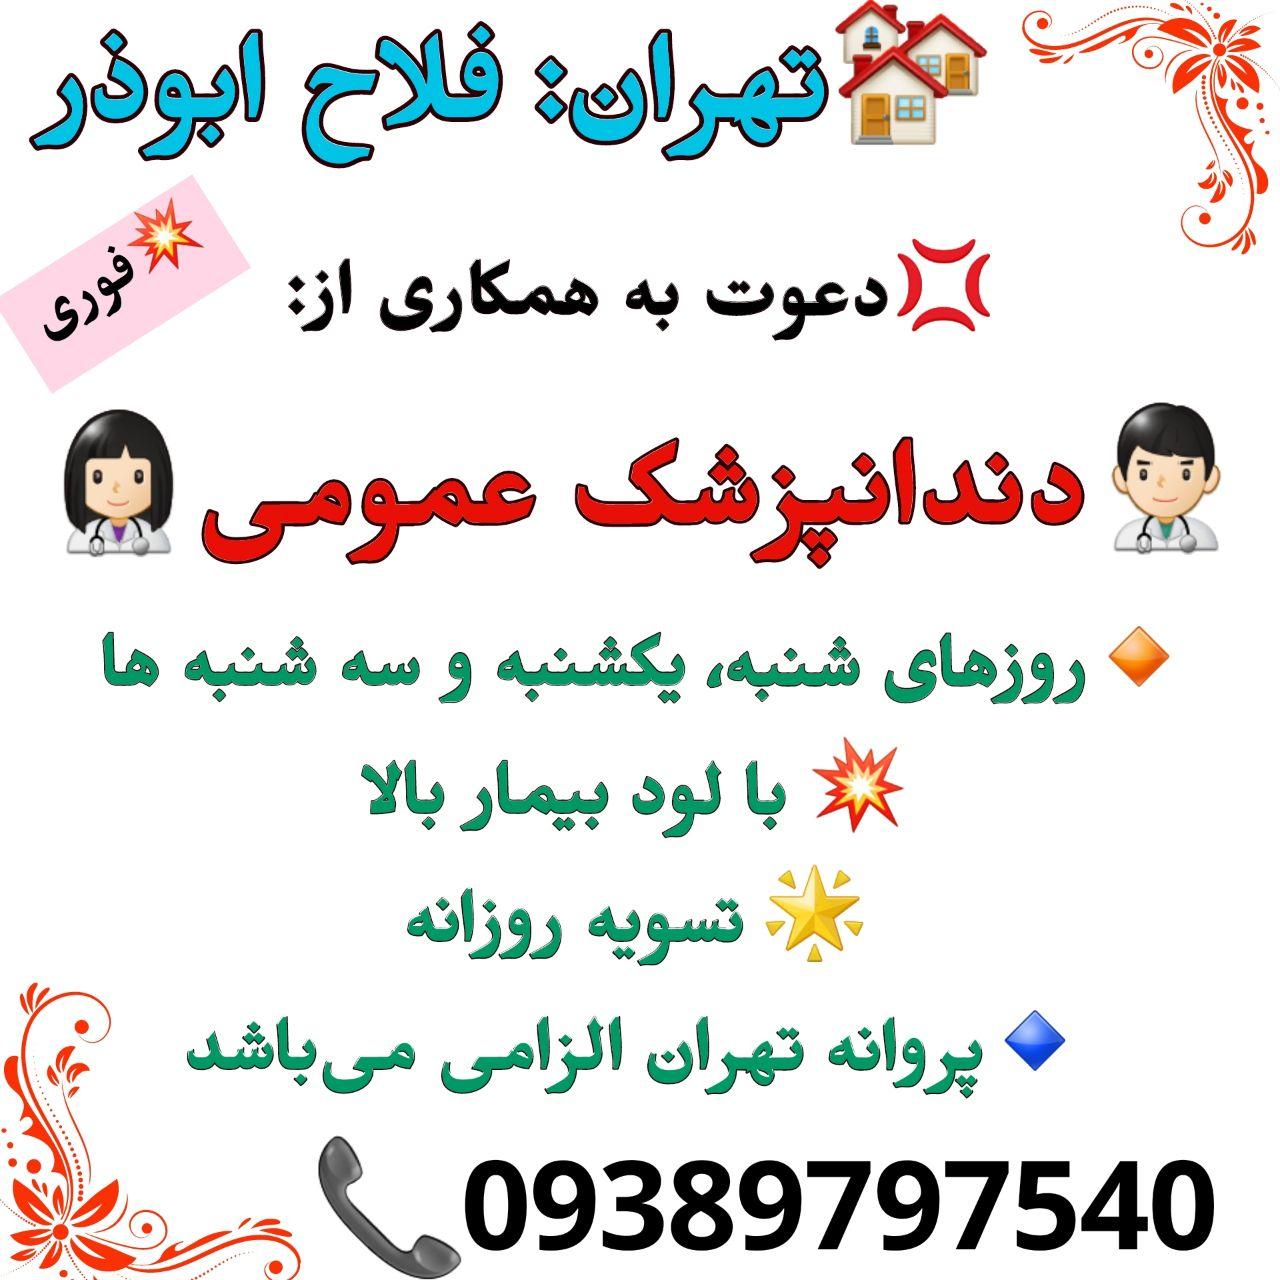 تهران: فلاح ابوذر، نیاز به دندانپزشک عمومی